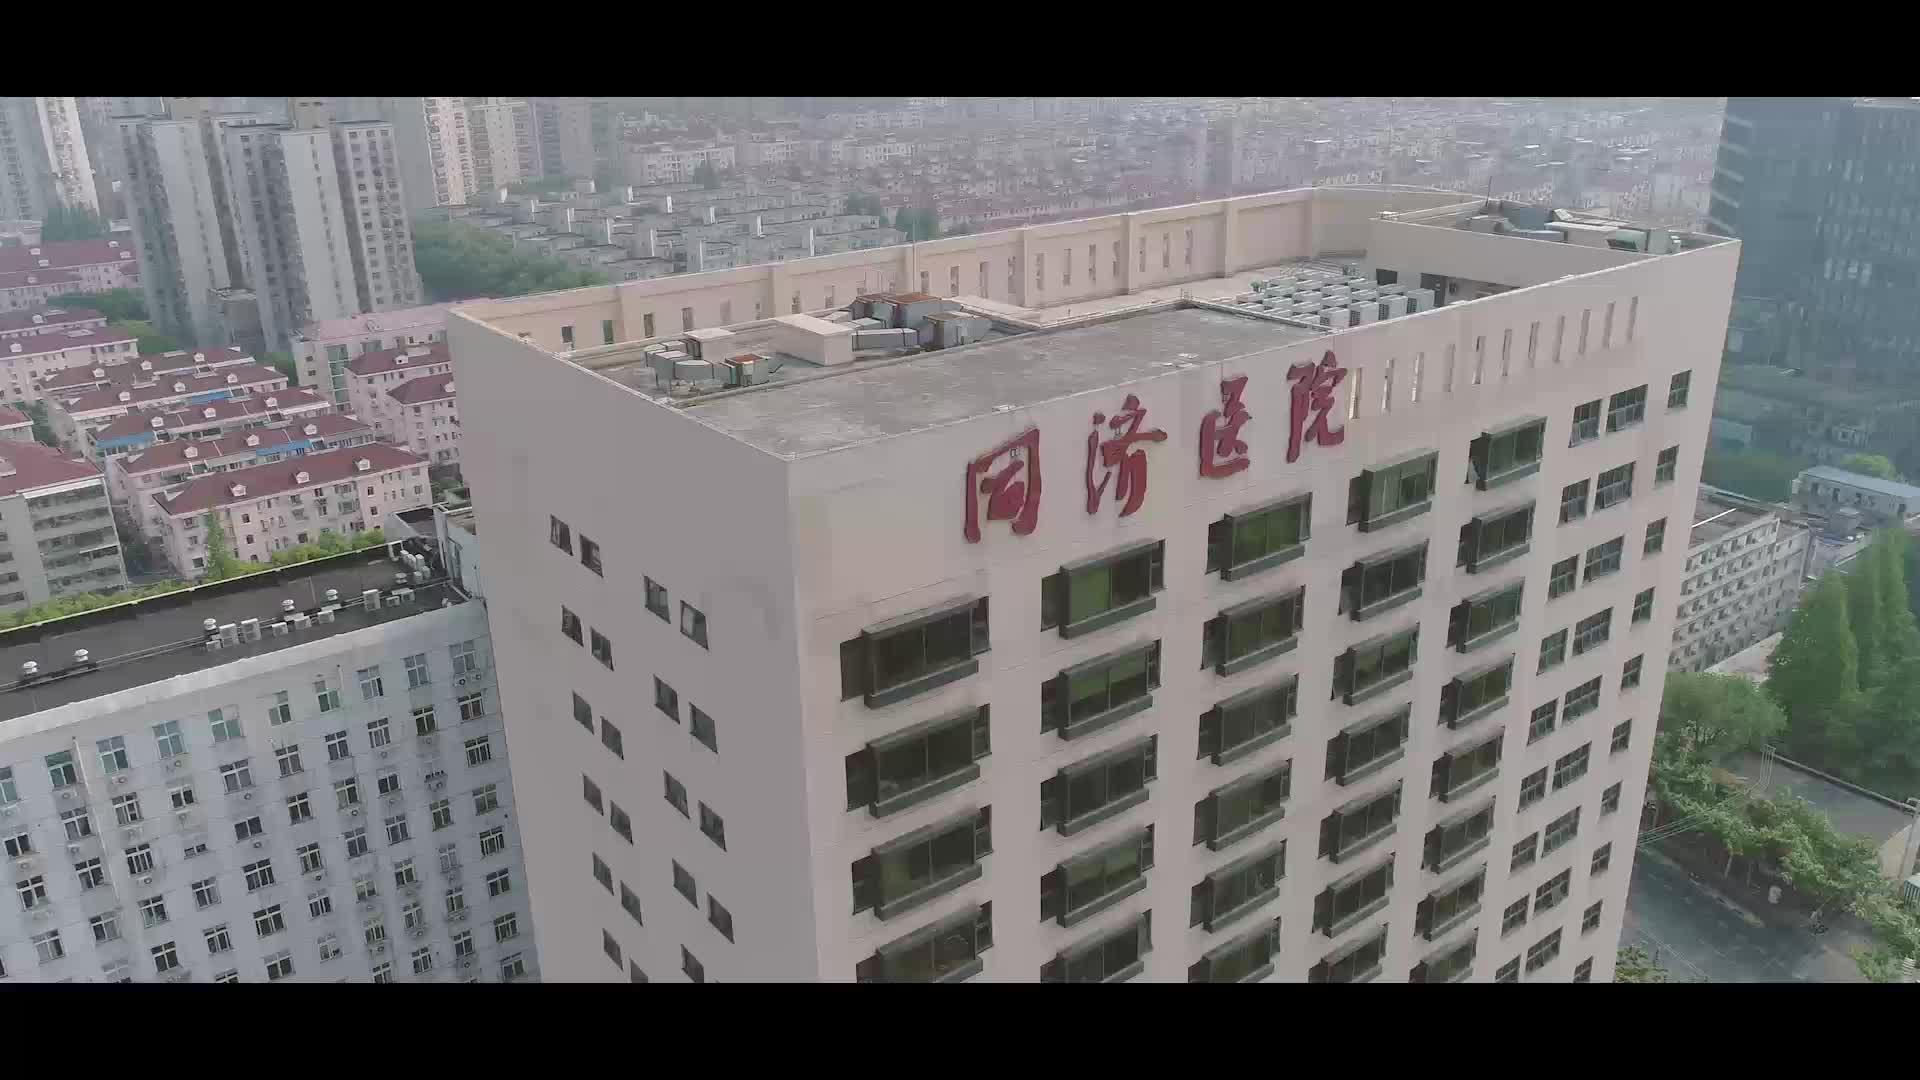 【疫情之下有真情】直击上海同济医院:疫情下的他们正在做什么?